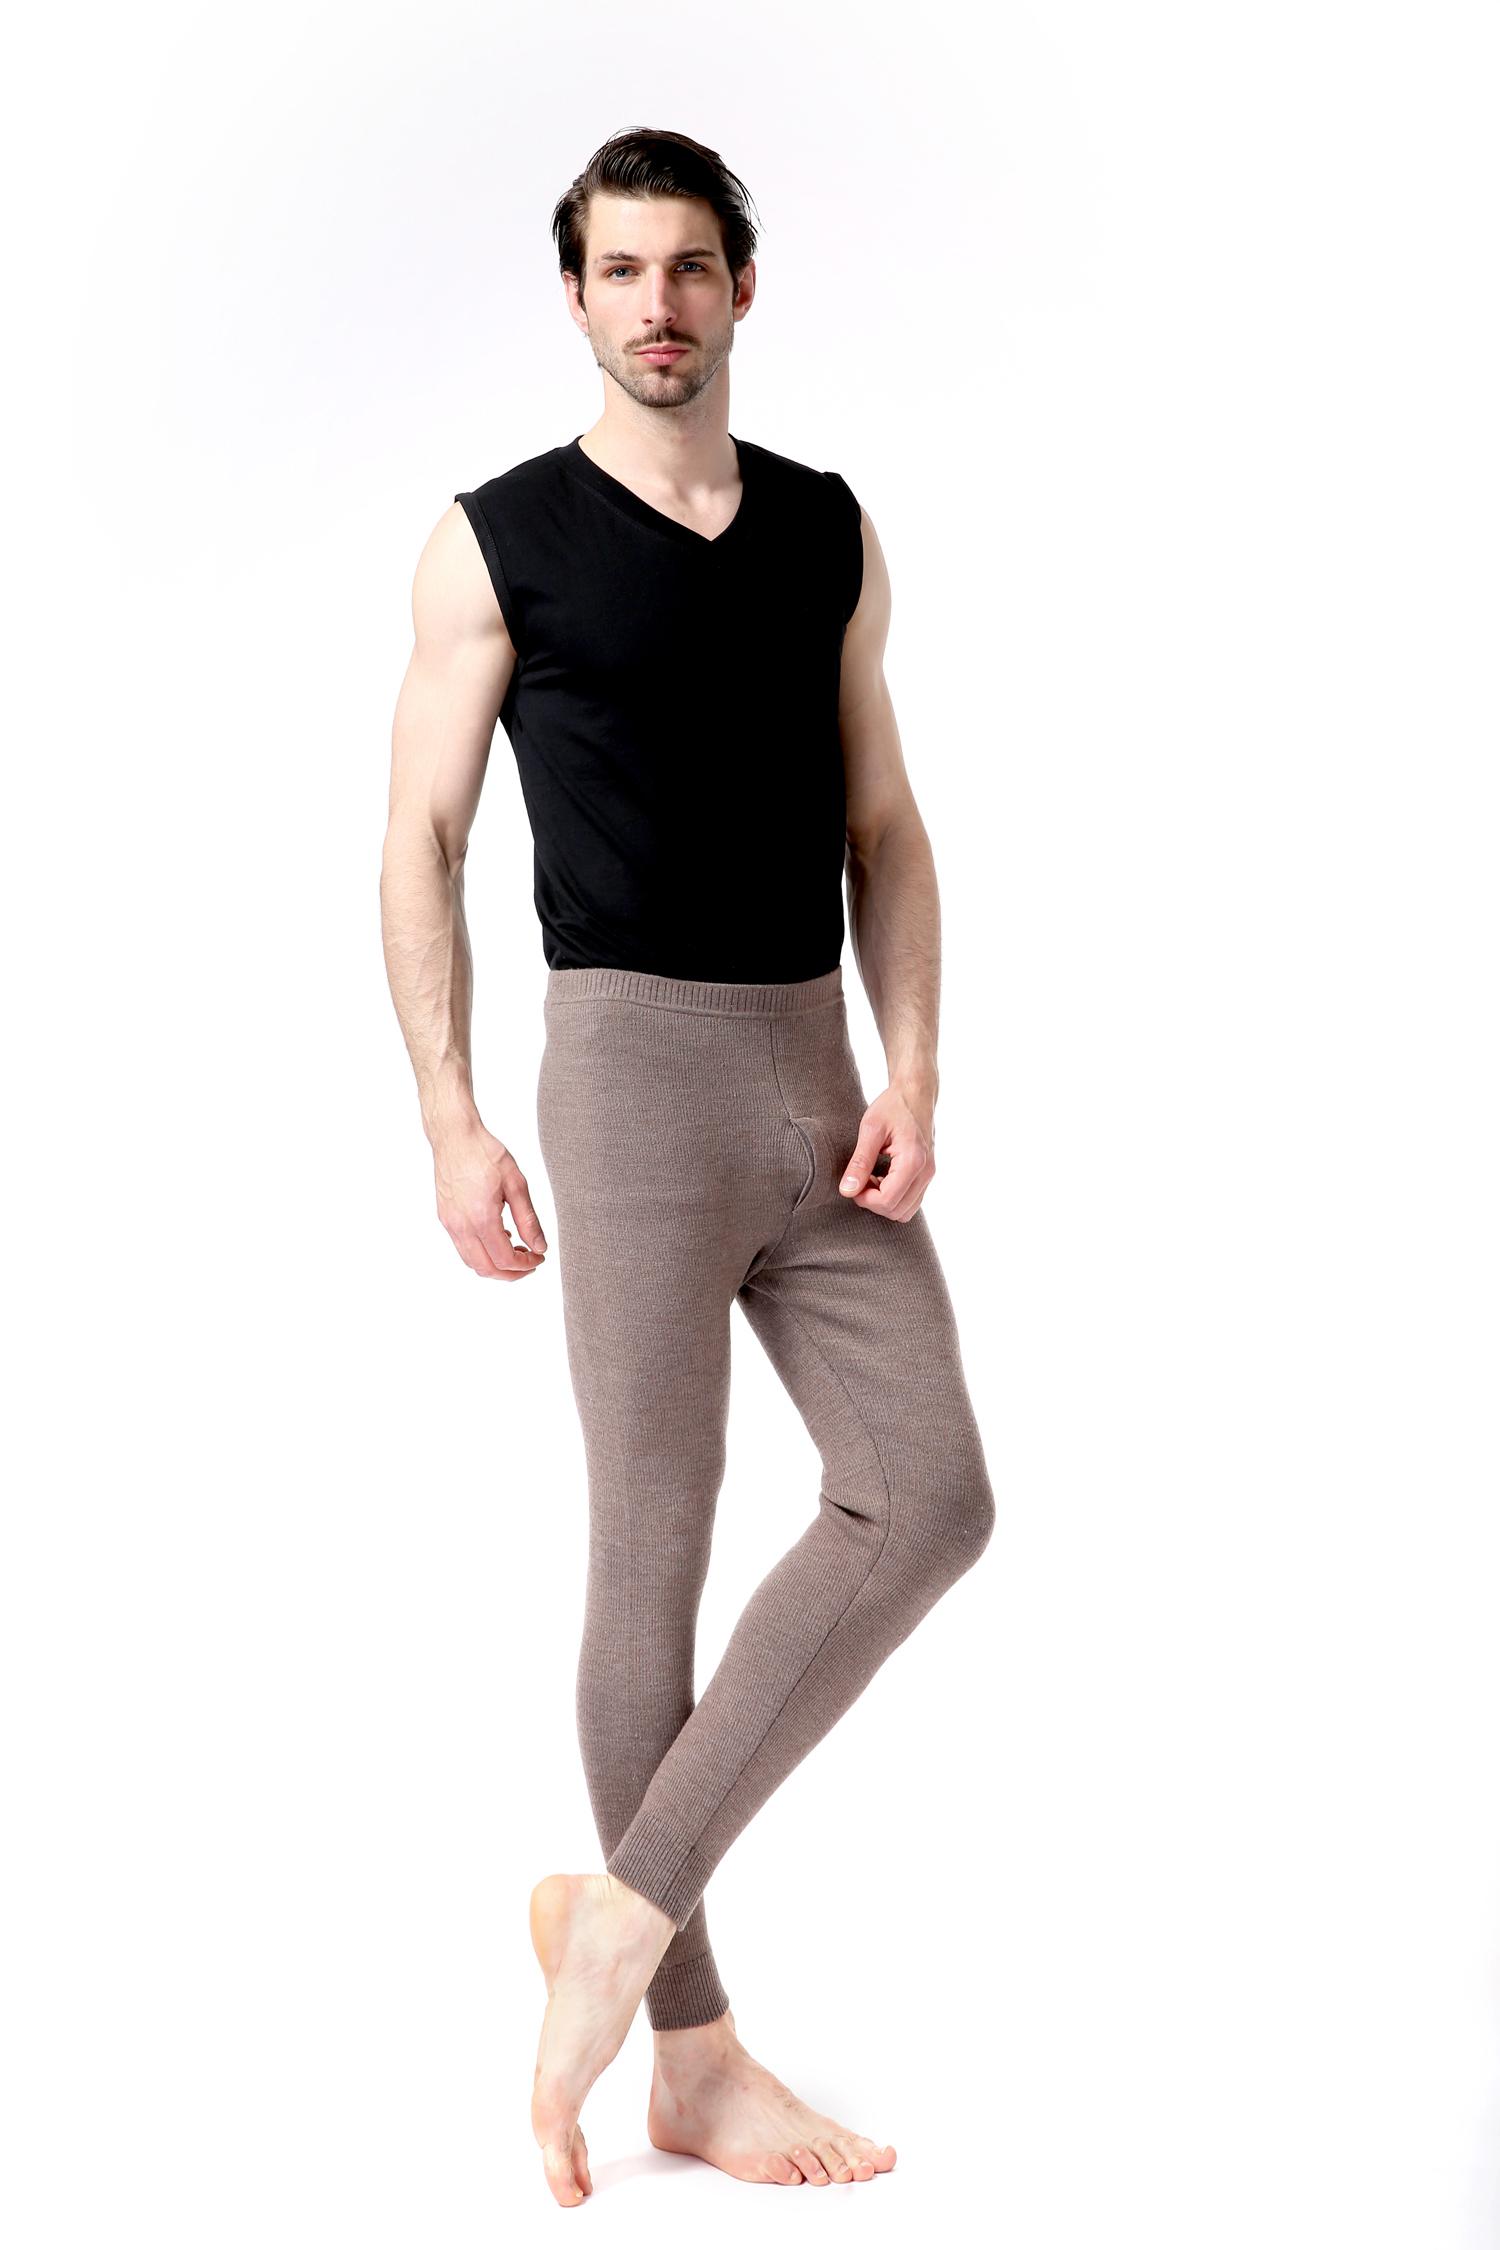 中昊绒业供应信誉好的都兰诺斯澳毛男抽条裤